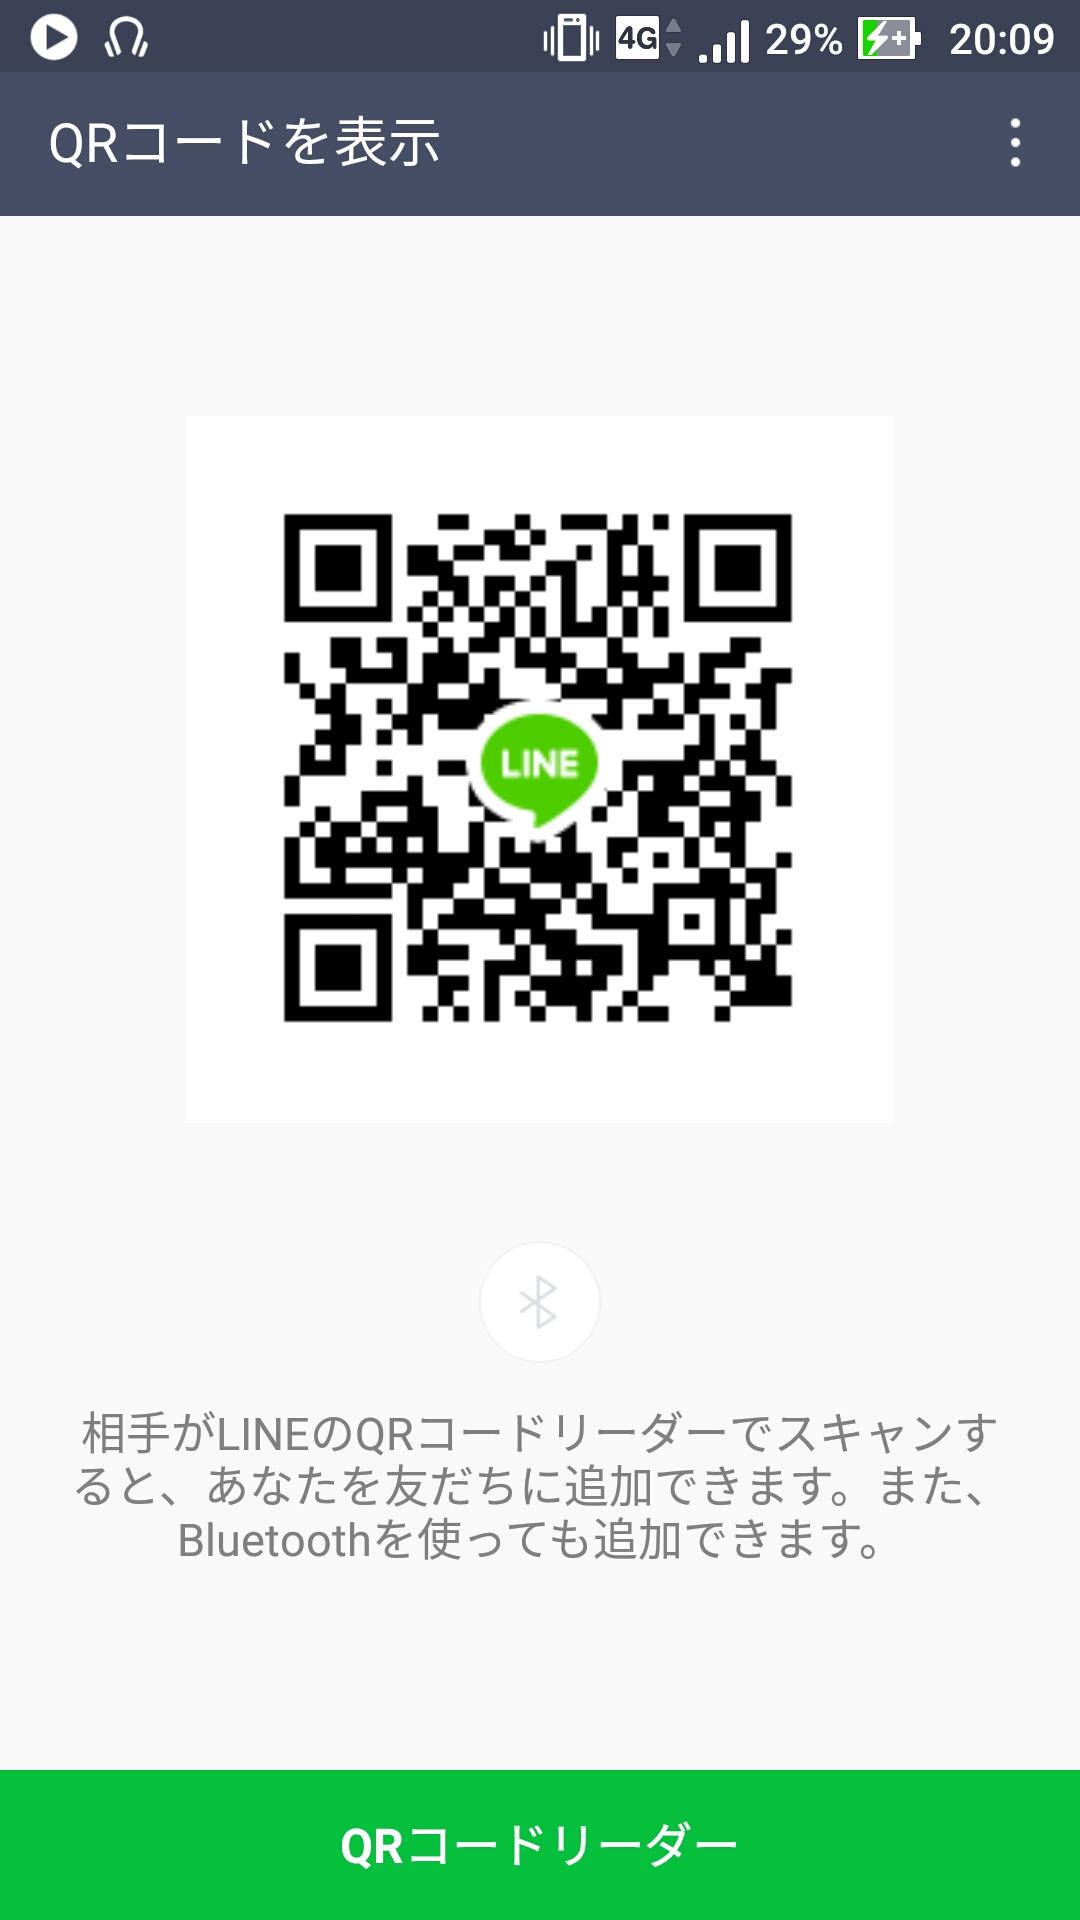 マサトさんのLINE QRコード